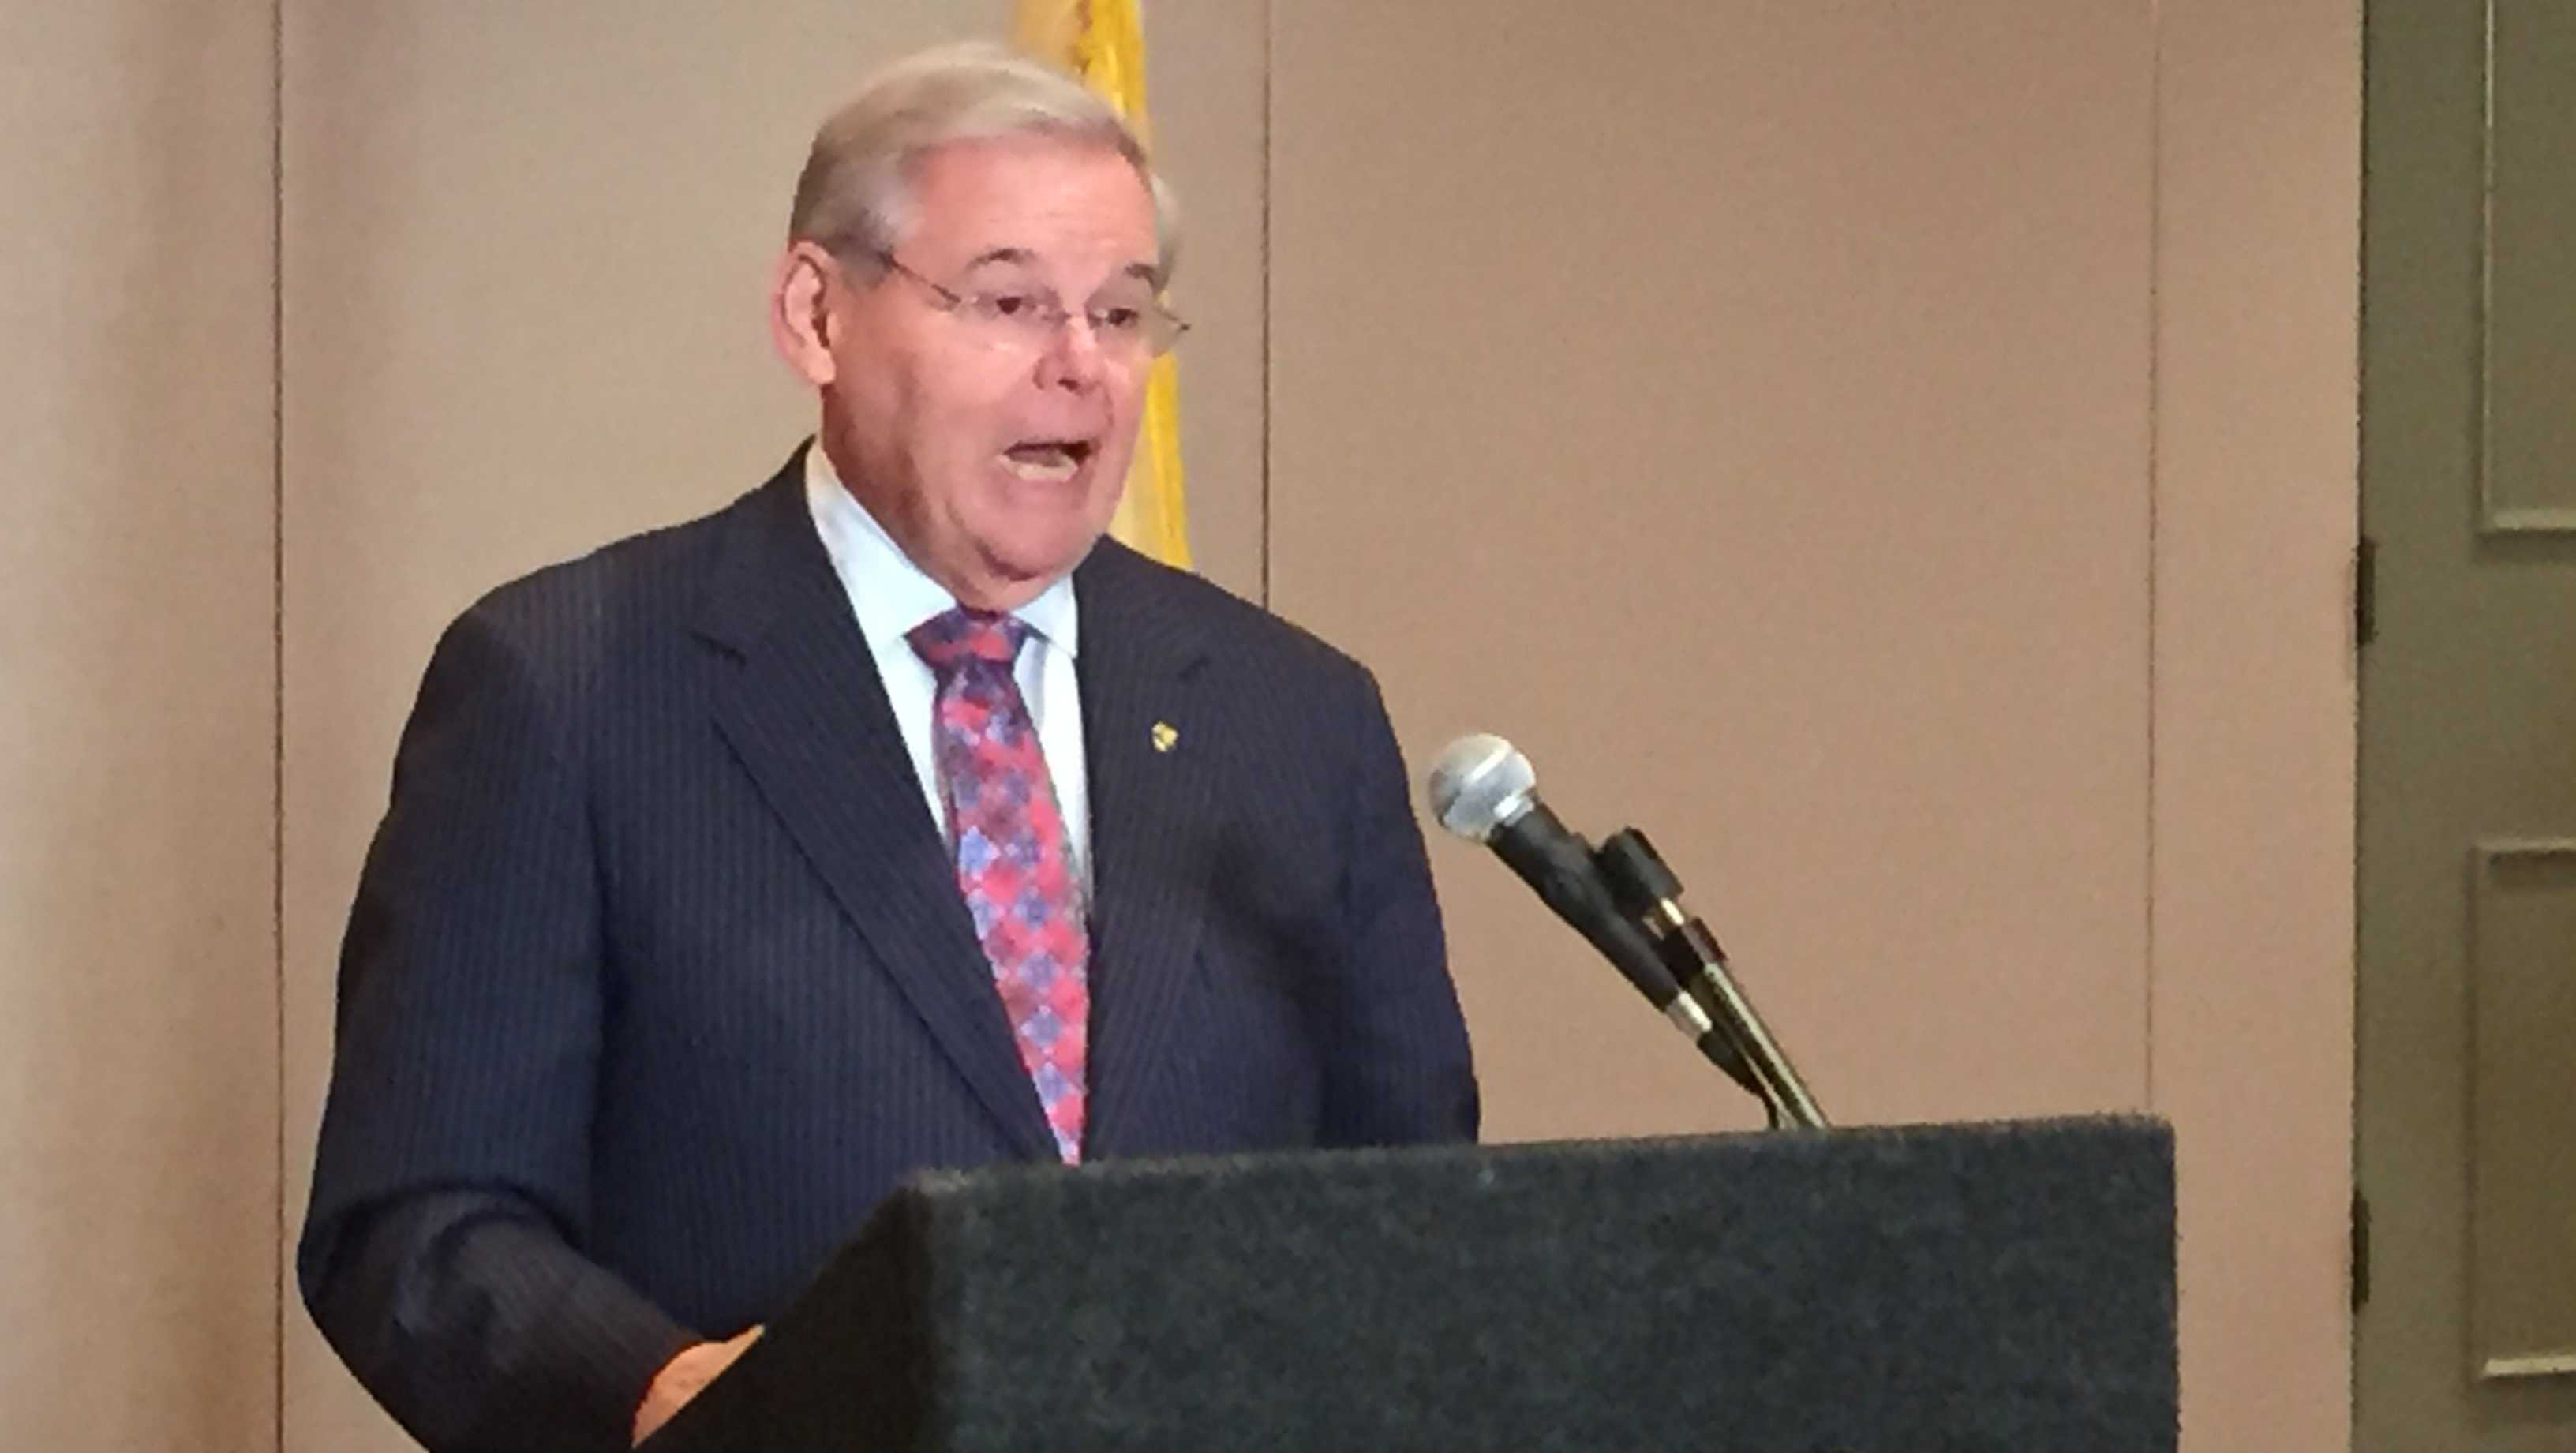 New Jersey Sen. Bob Menendez